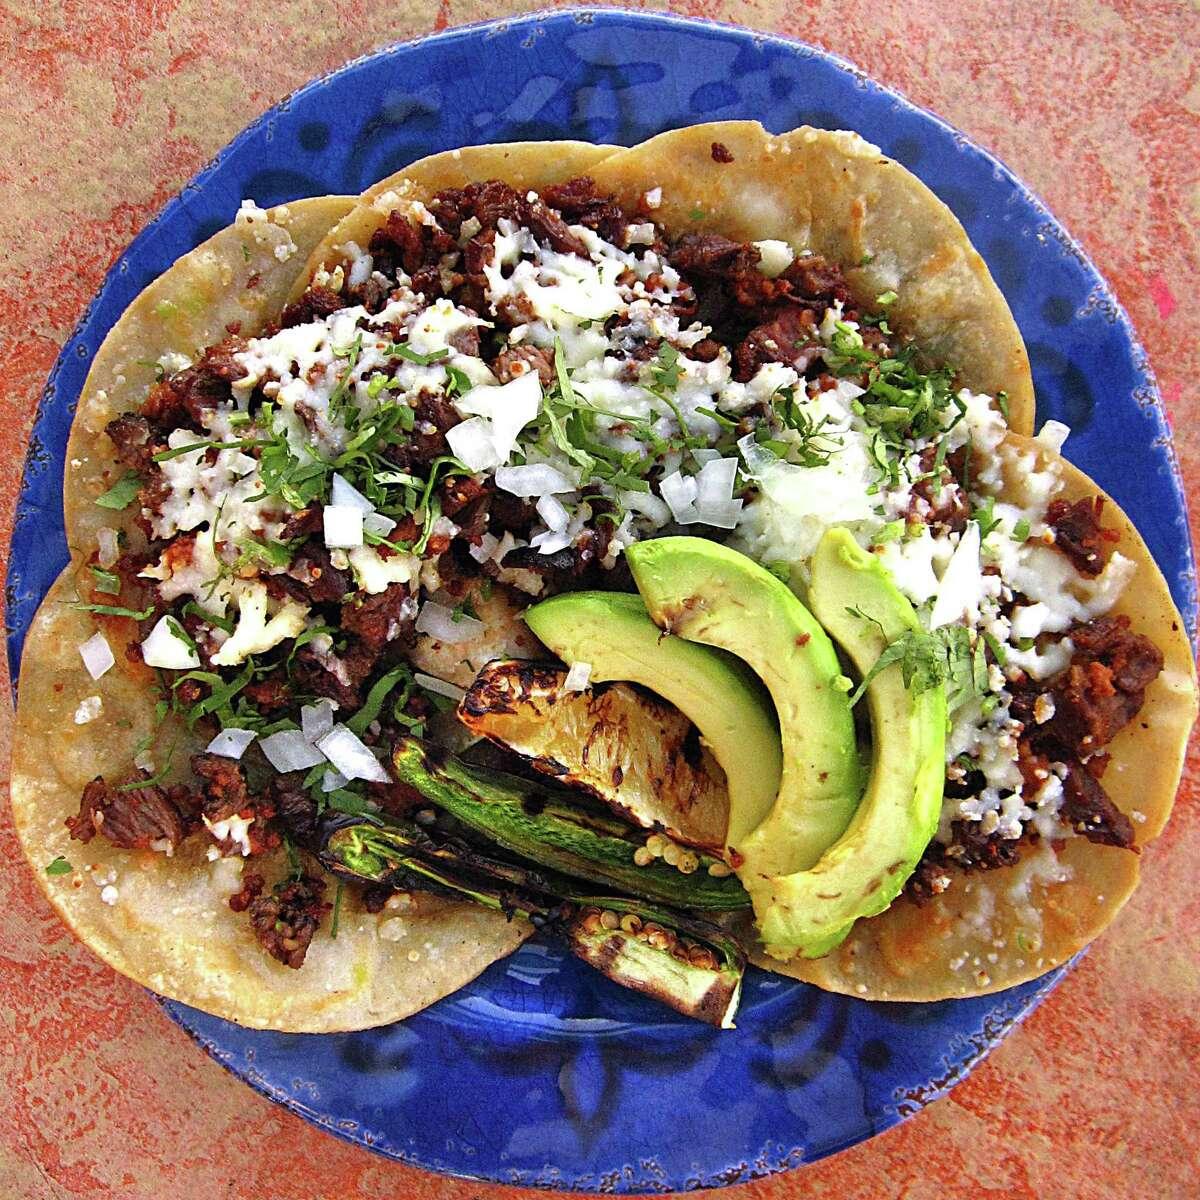 Aldaco's Mexican Cuisine 20079 Stone Oak Parkway, 210-494-0561, aldacosrestaurants.com